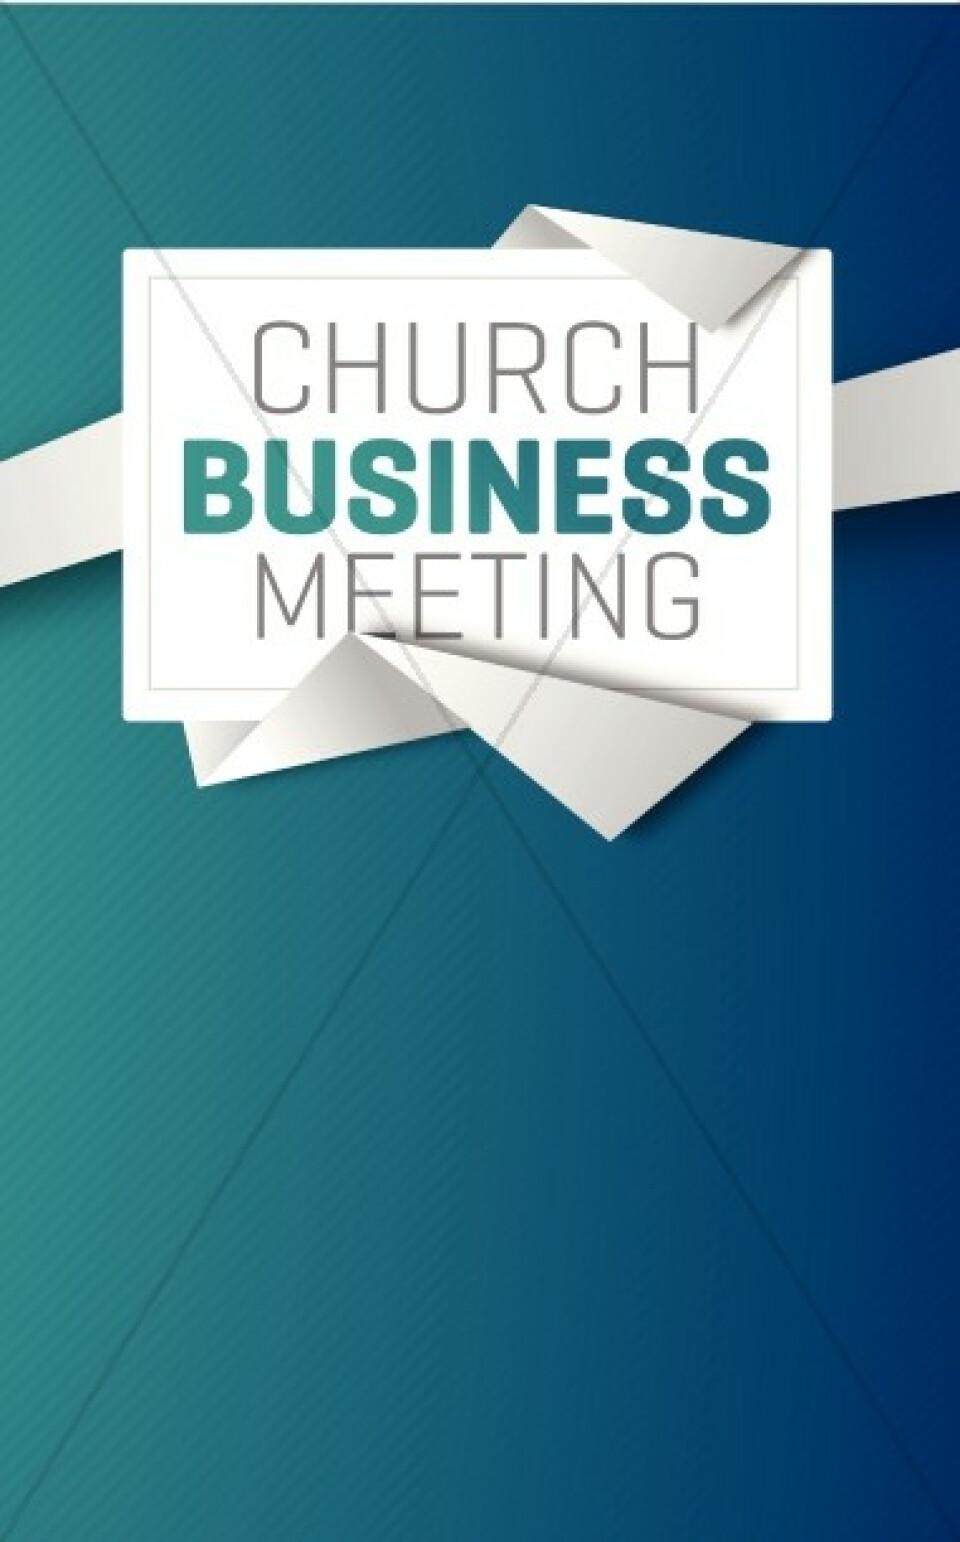 Sunday October 27, 2019 ~Next Congregational Business Meeting